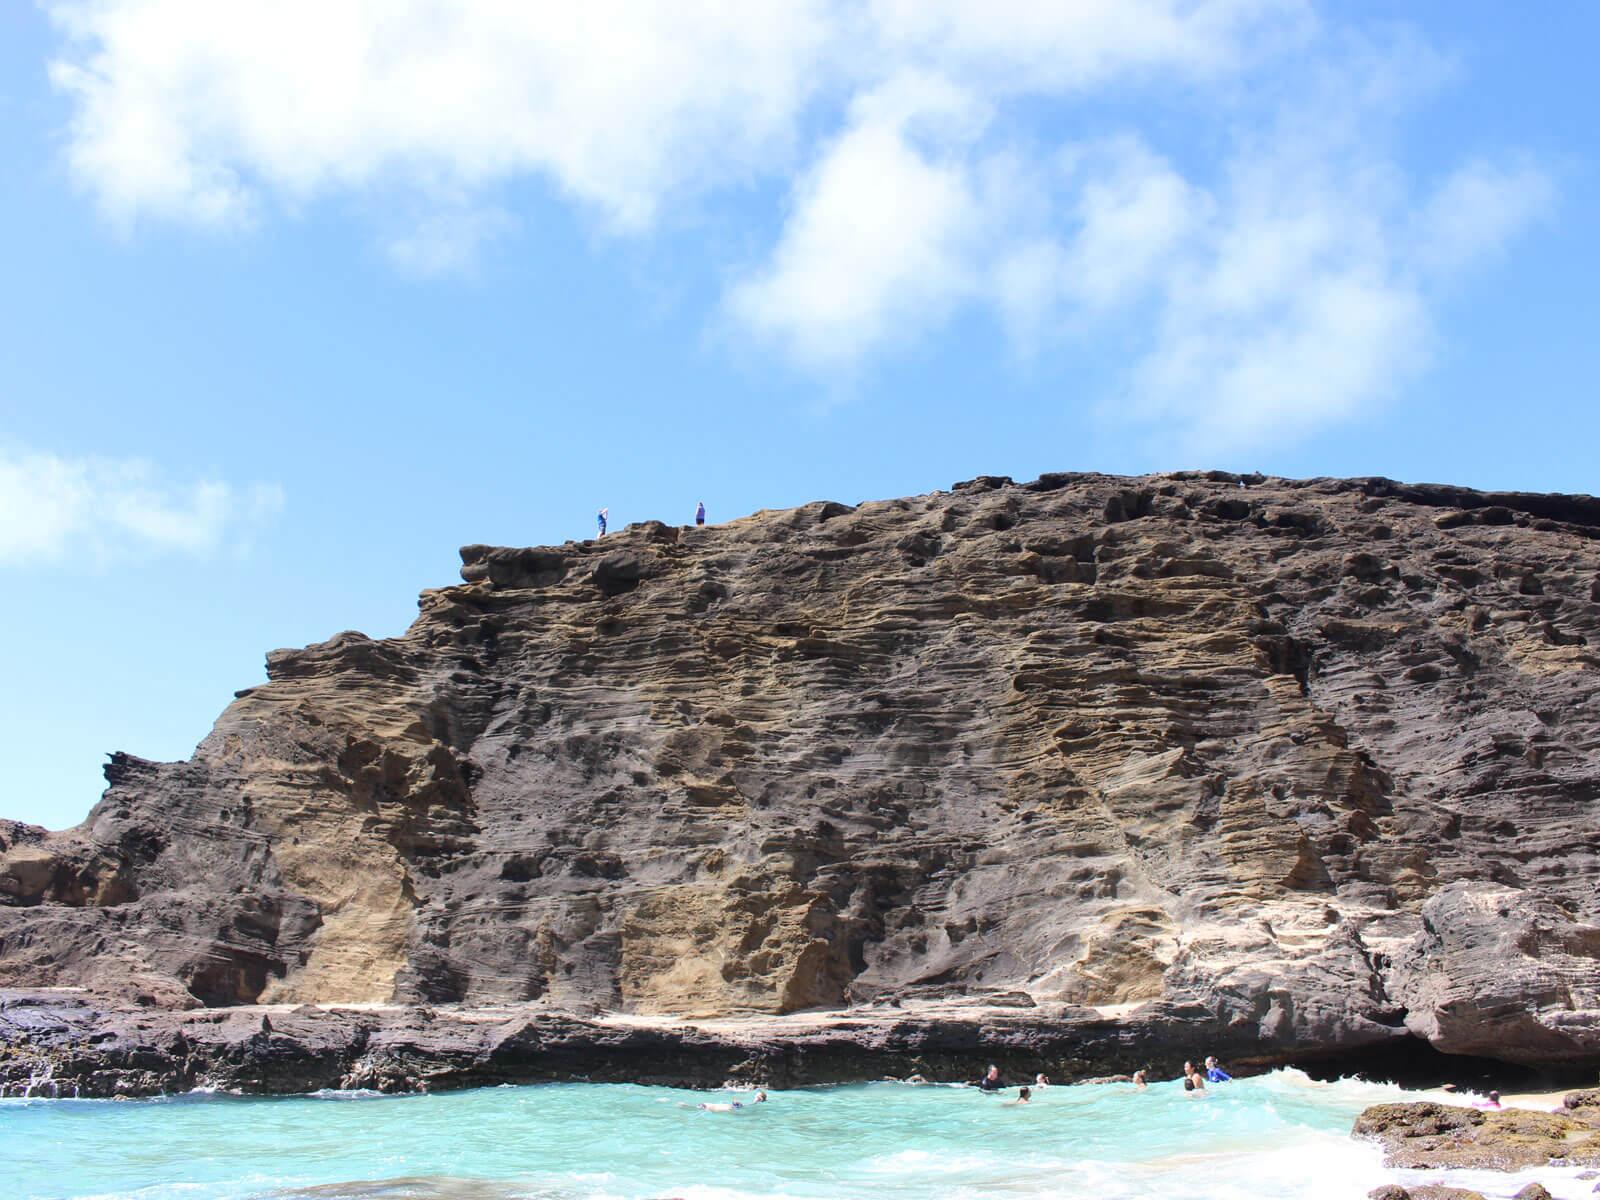 ハワイジオグラフィック